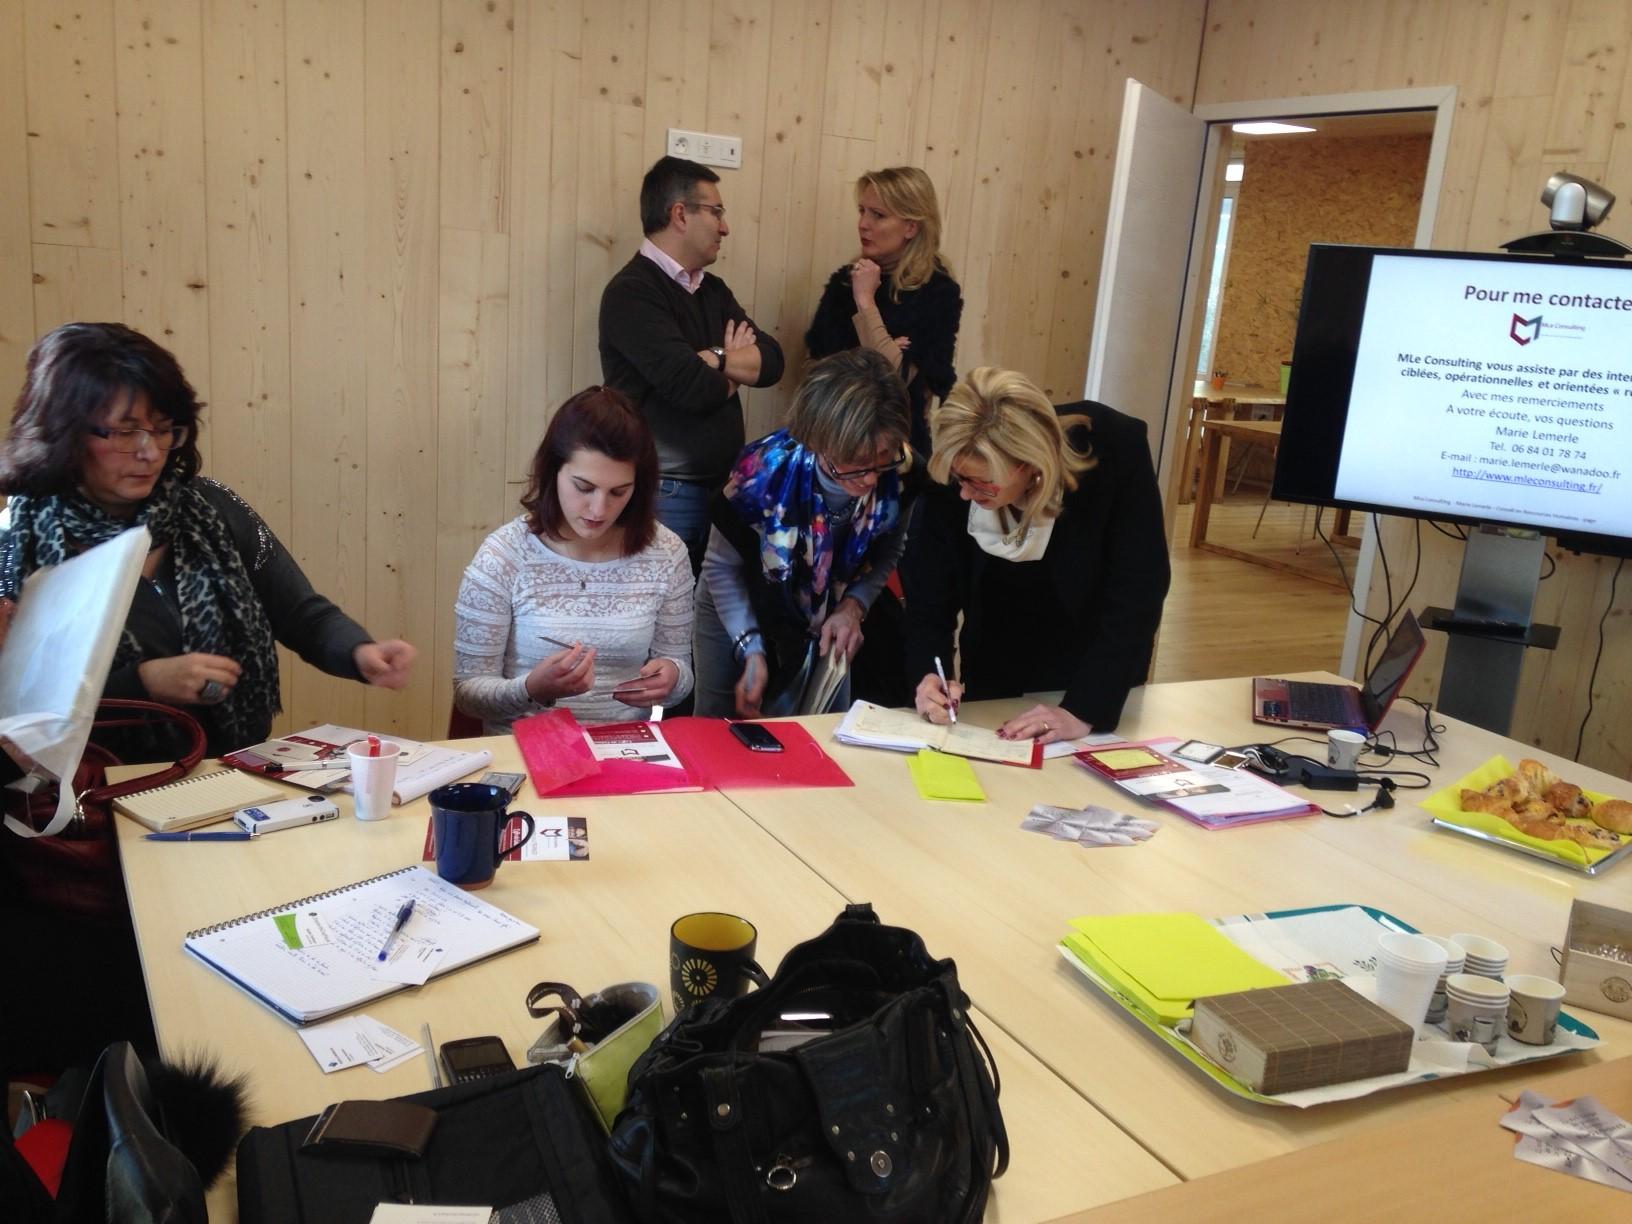 Salle de réunion en mode coworking Nomade Office 77